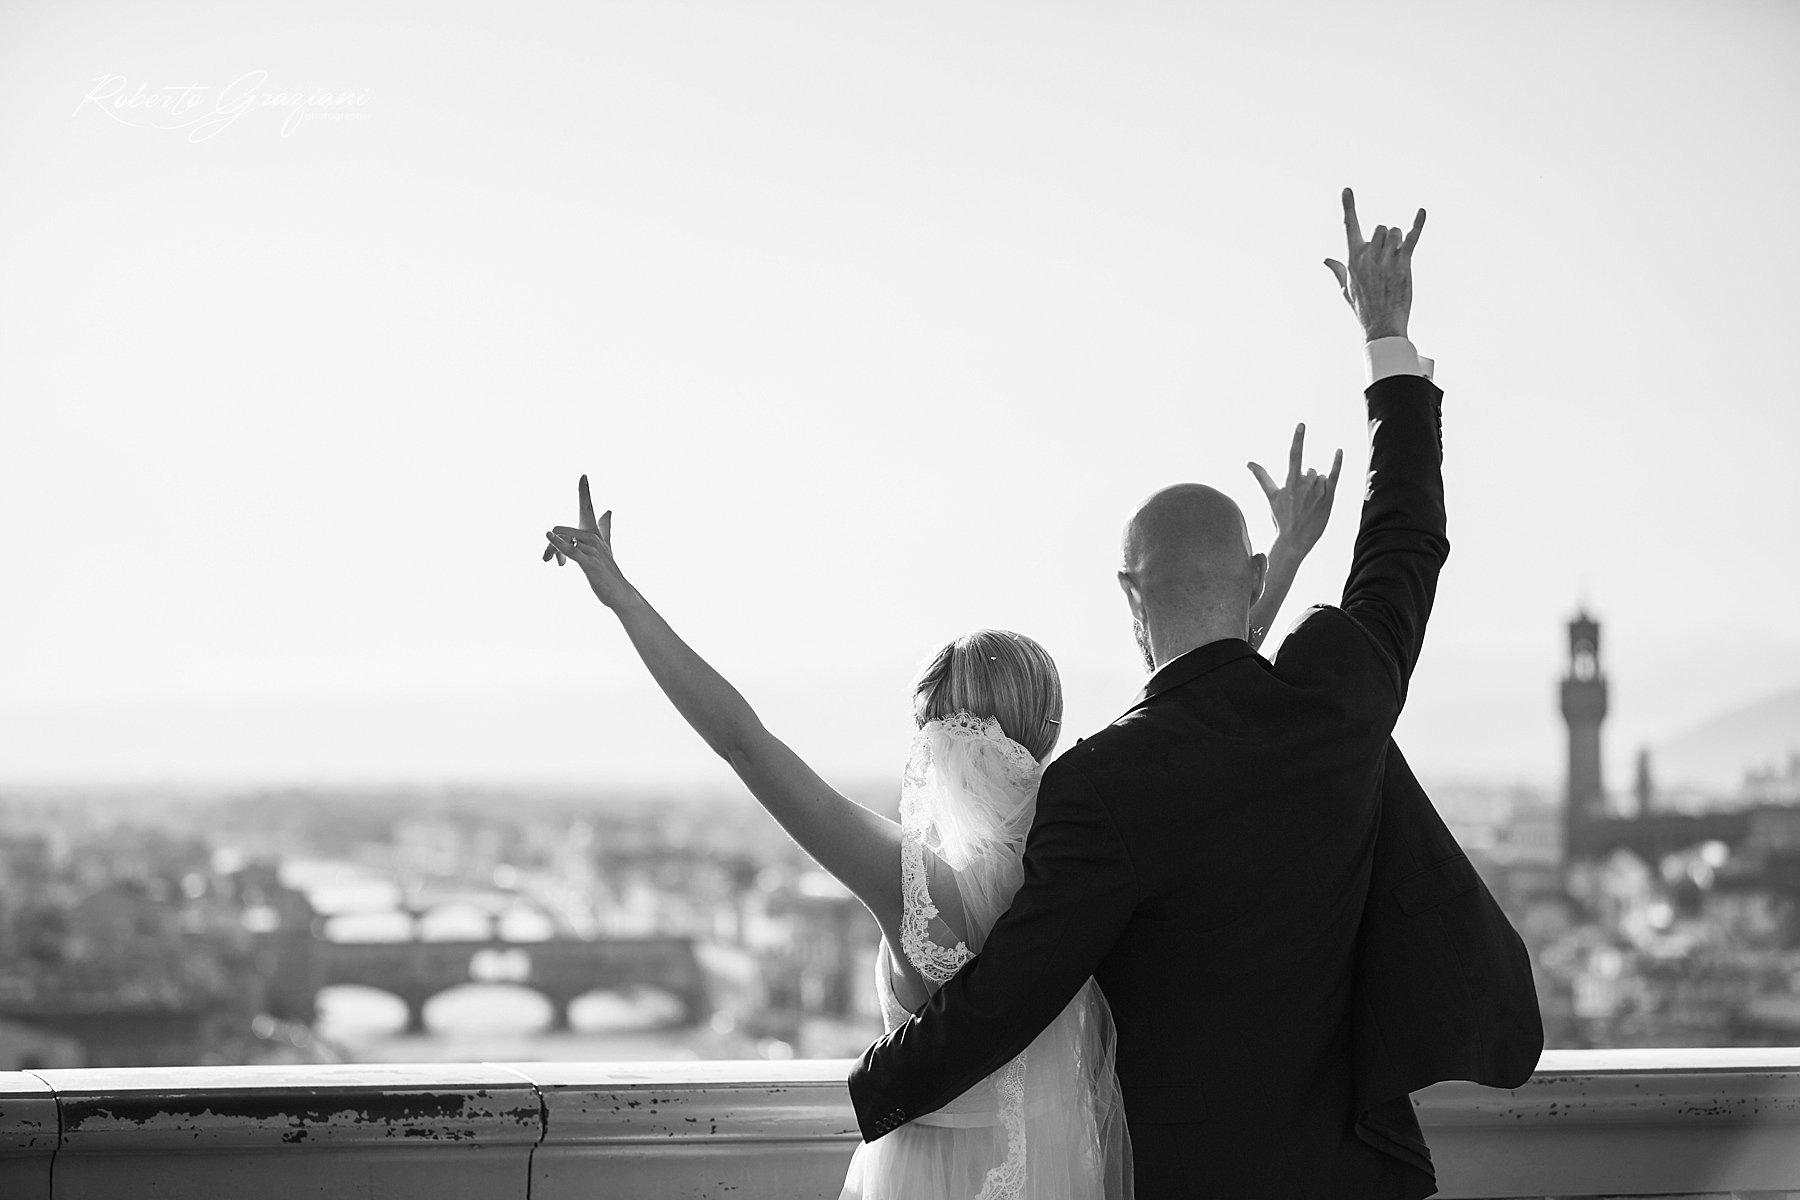 fotografia di matrimonio a Firenze dal piazzale Michelangelo in bianco e nero